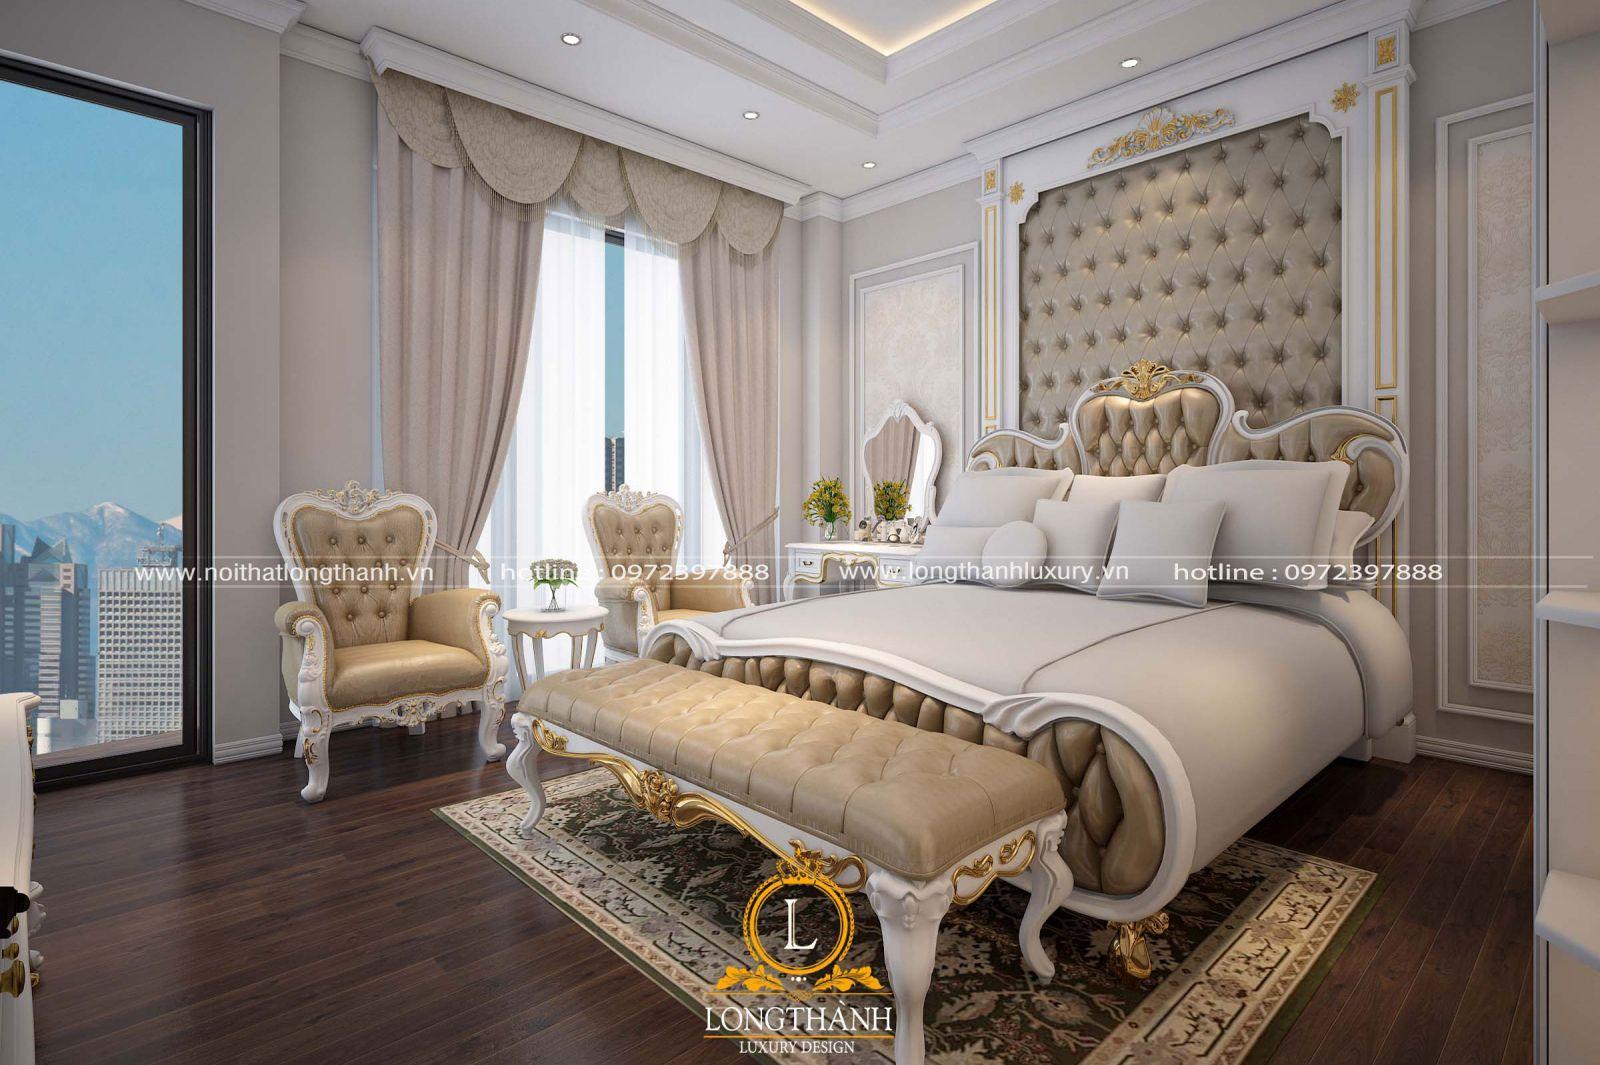 Giường ngủ tân cổ điển sơn trắng dát vàng